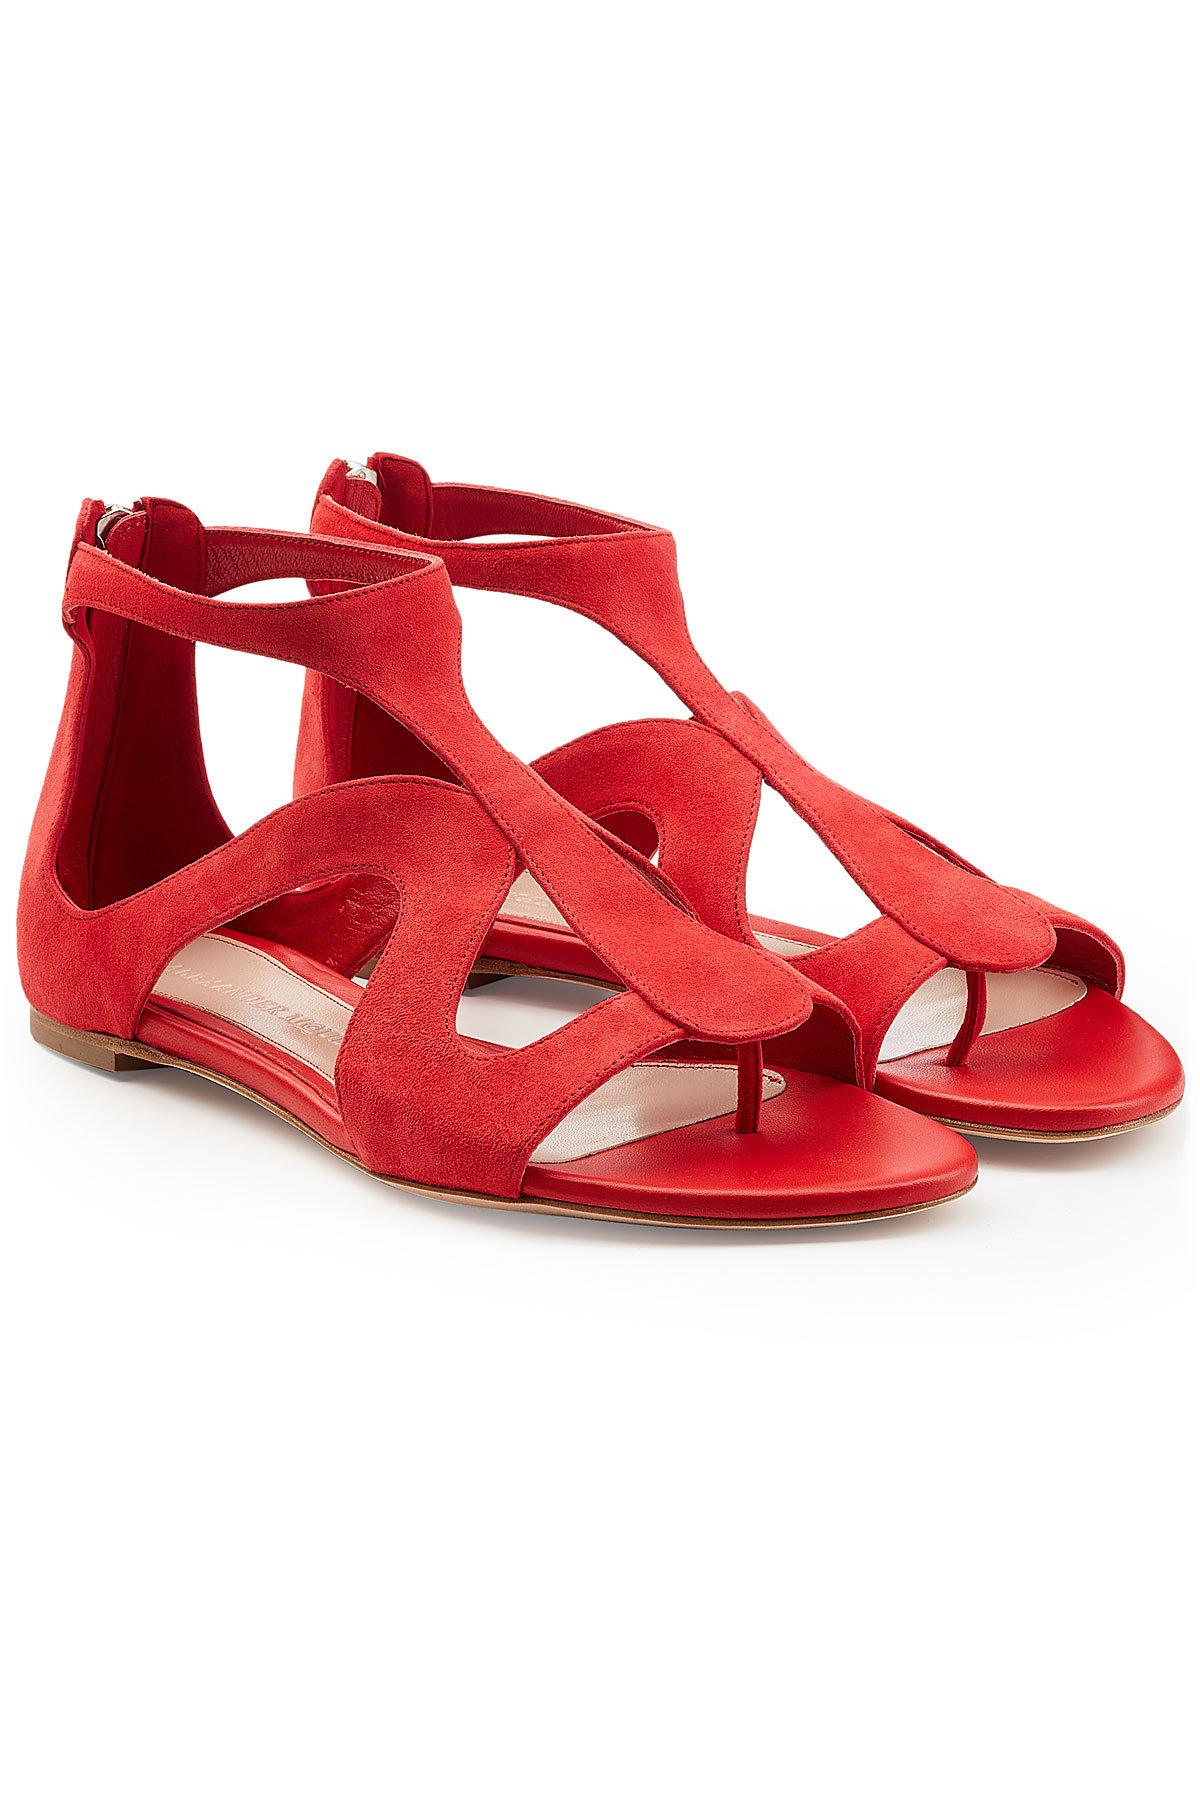 Neous Gongoria Suede Sandals Gr. EU 38 7OpPT